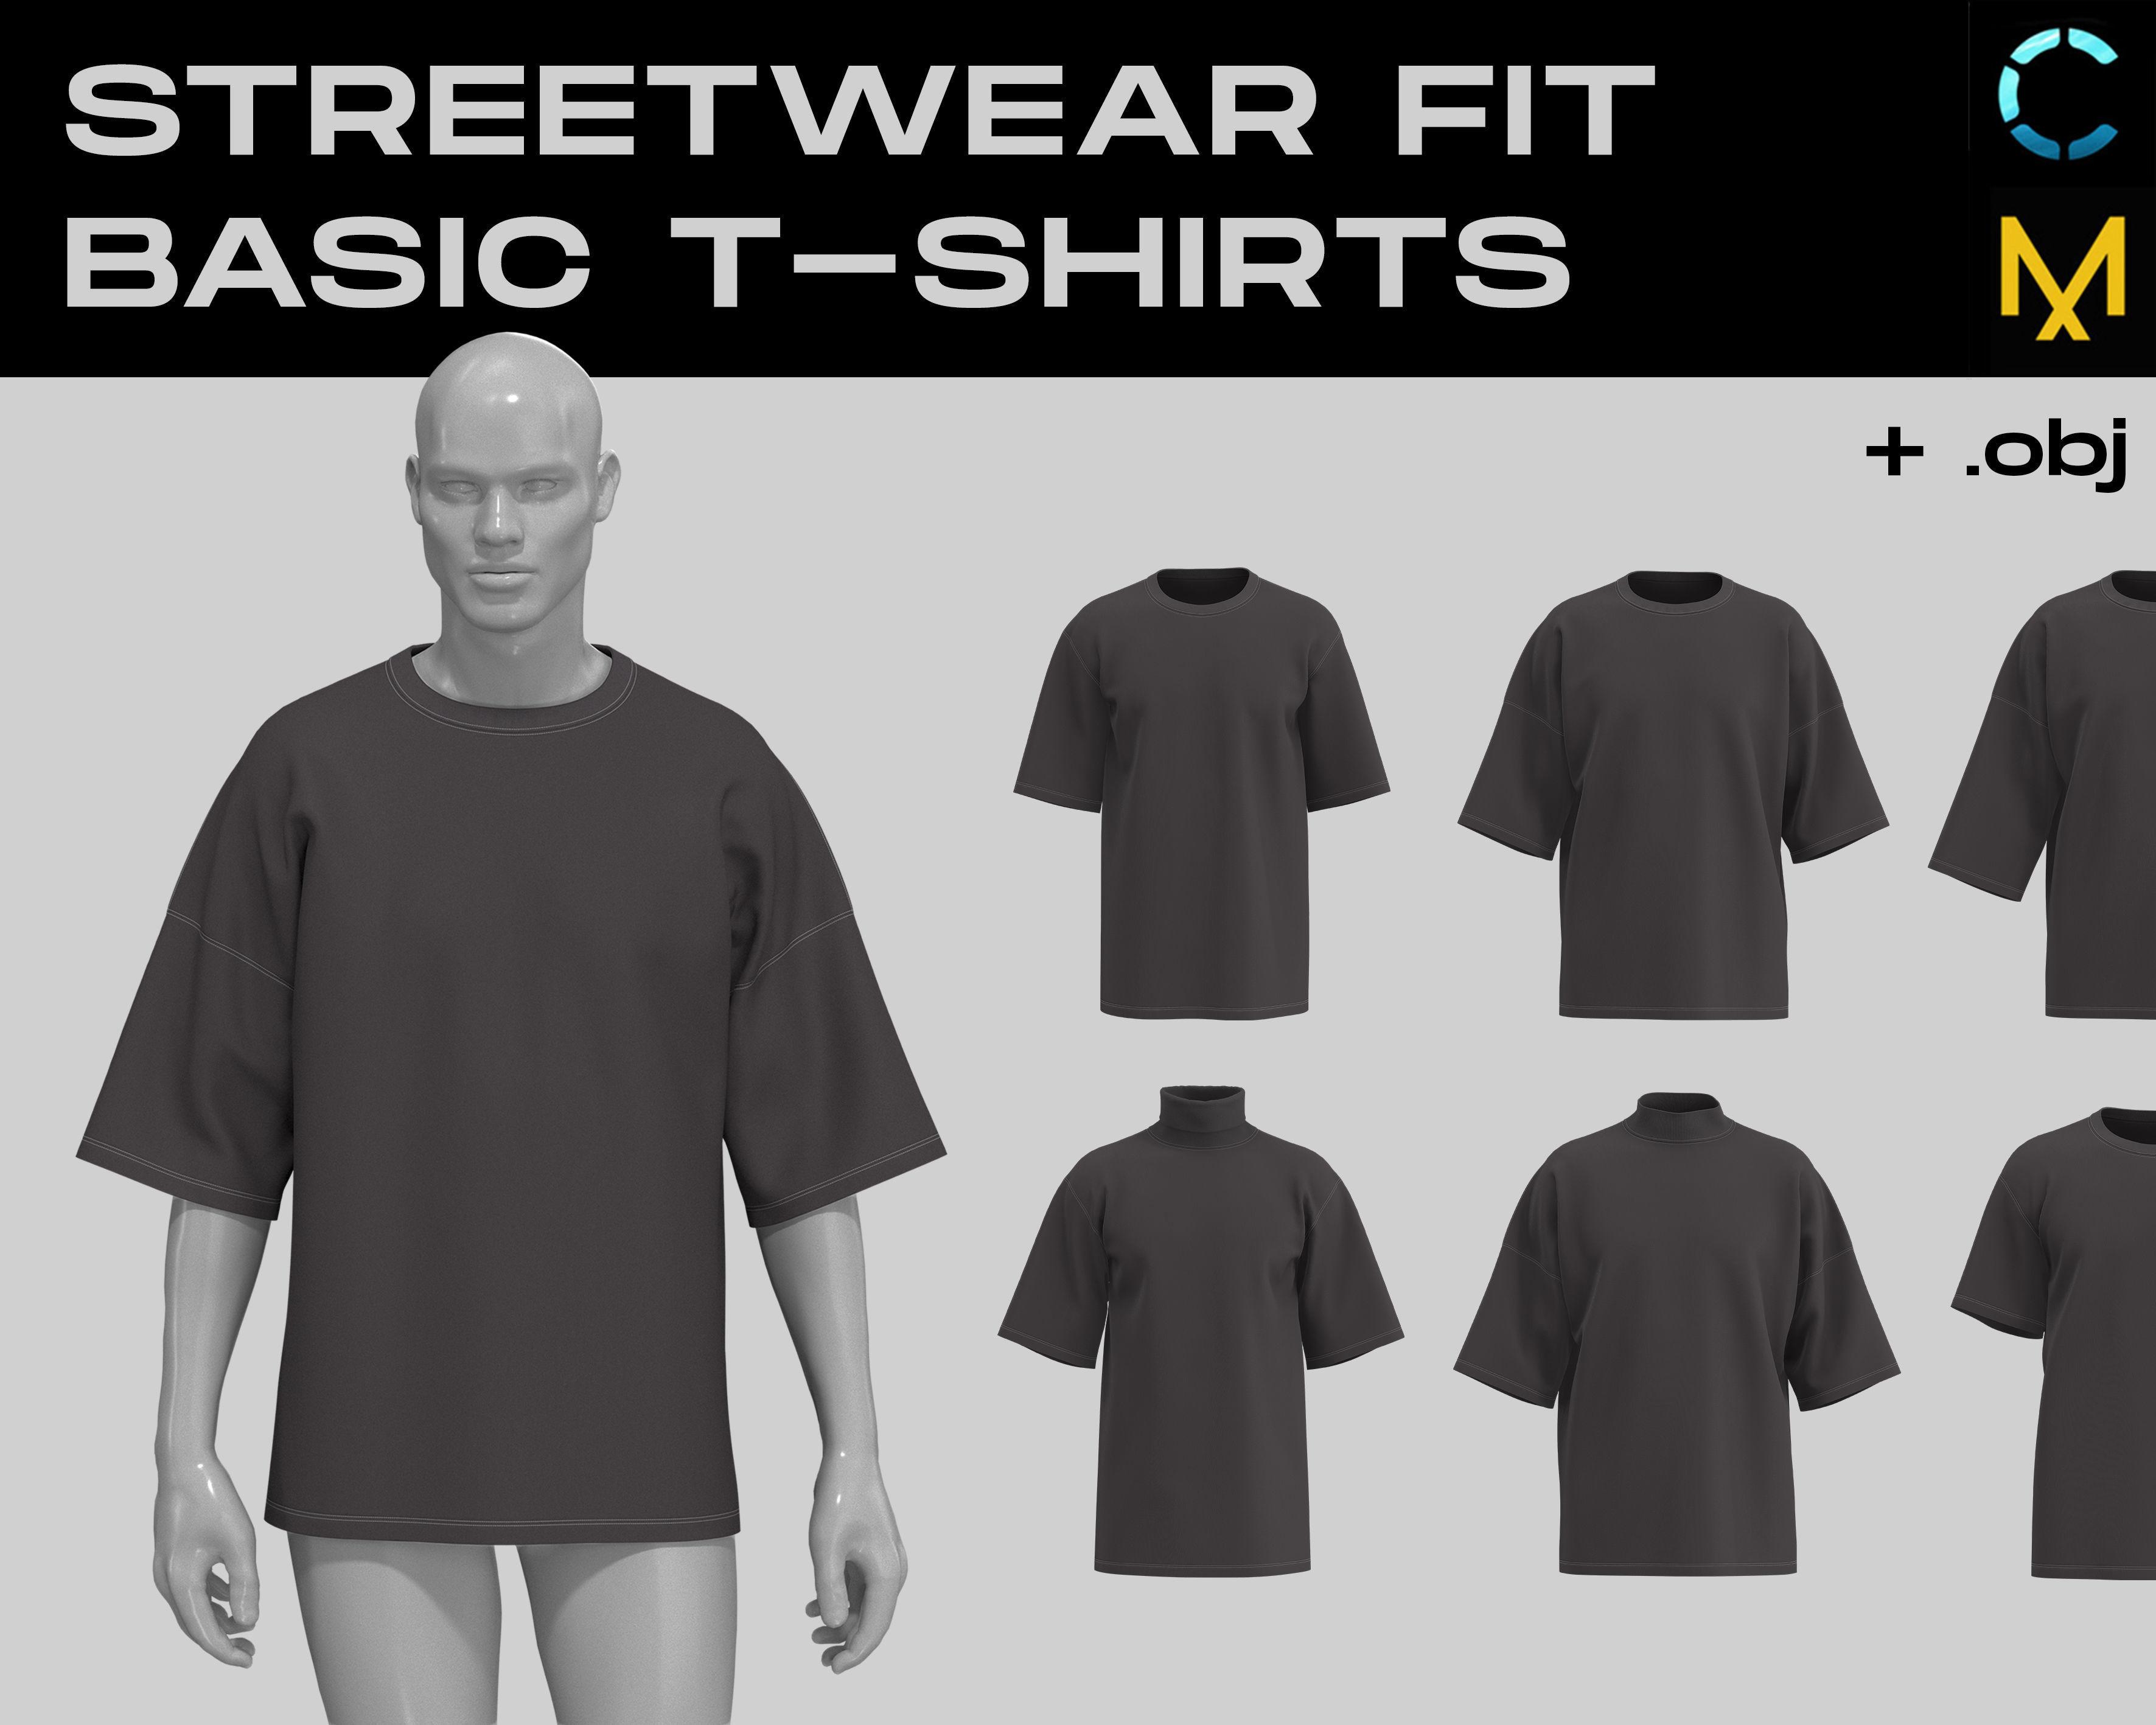 Streetwear fit basic t-shirts MD CLO 3D zprj project files